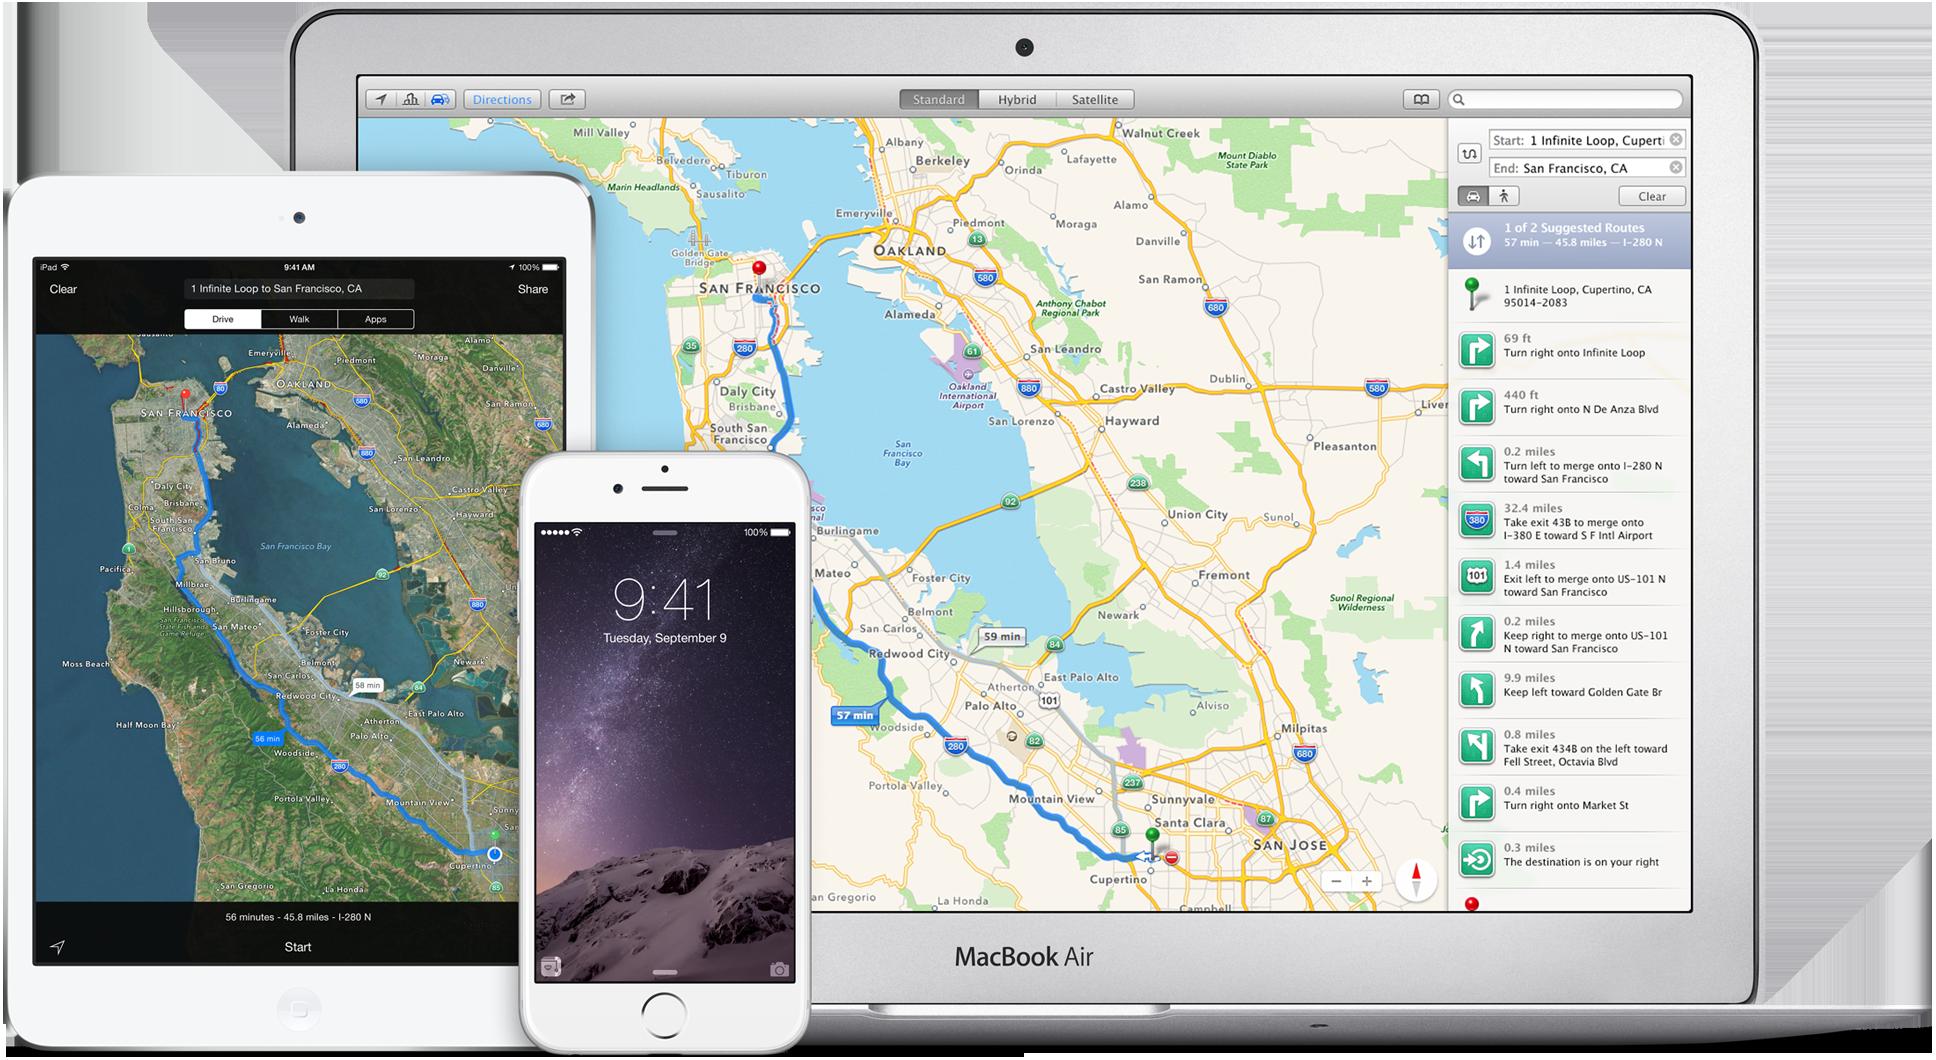 ВApple Maps вскором времени появятся уникальные новшества